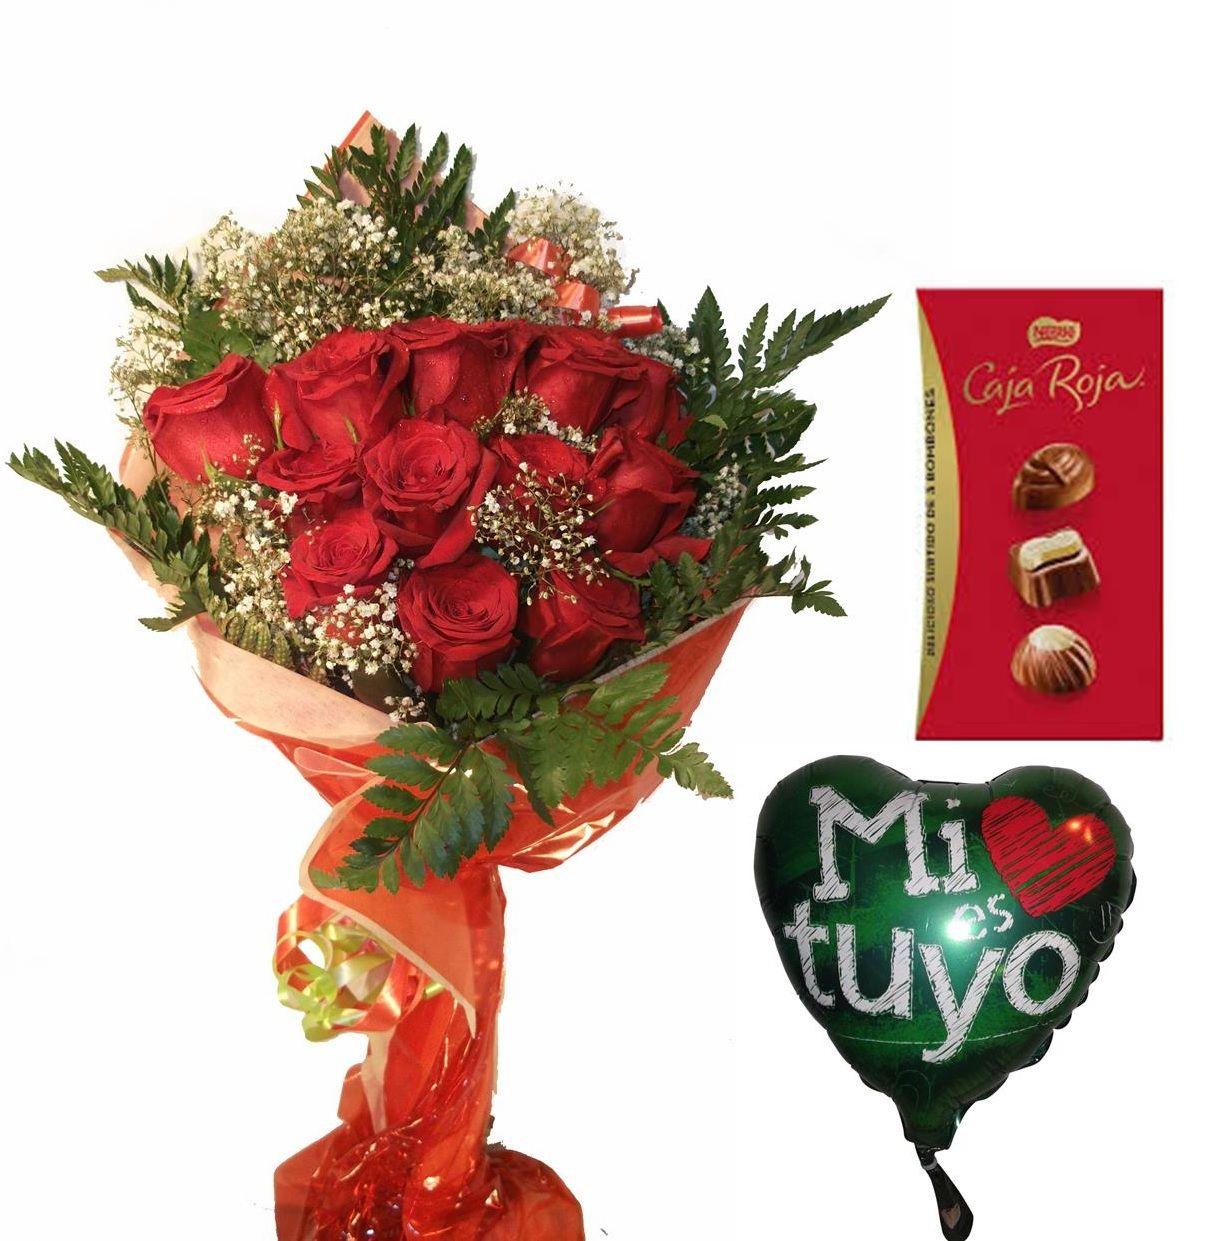 Envio de ramo de doce rosas a domiiclio con bombones y globo